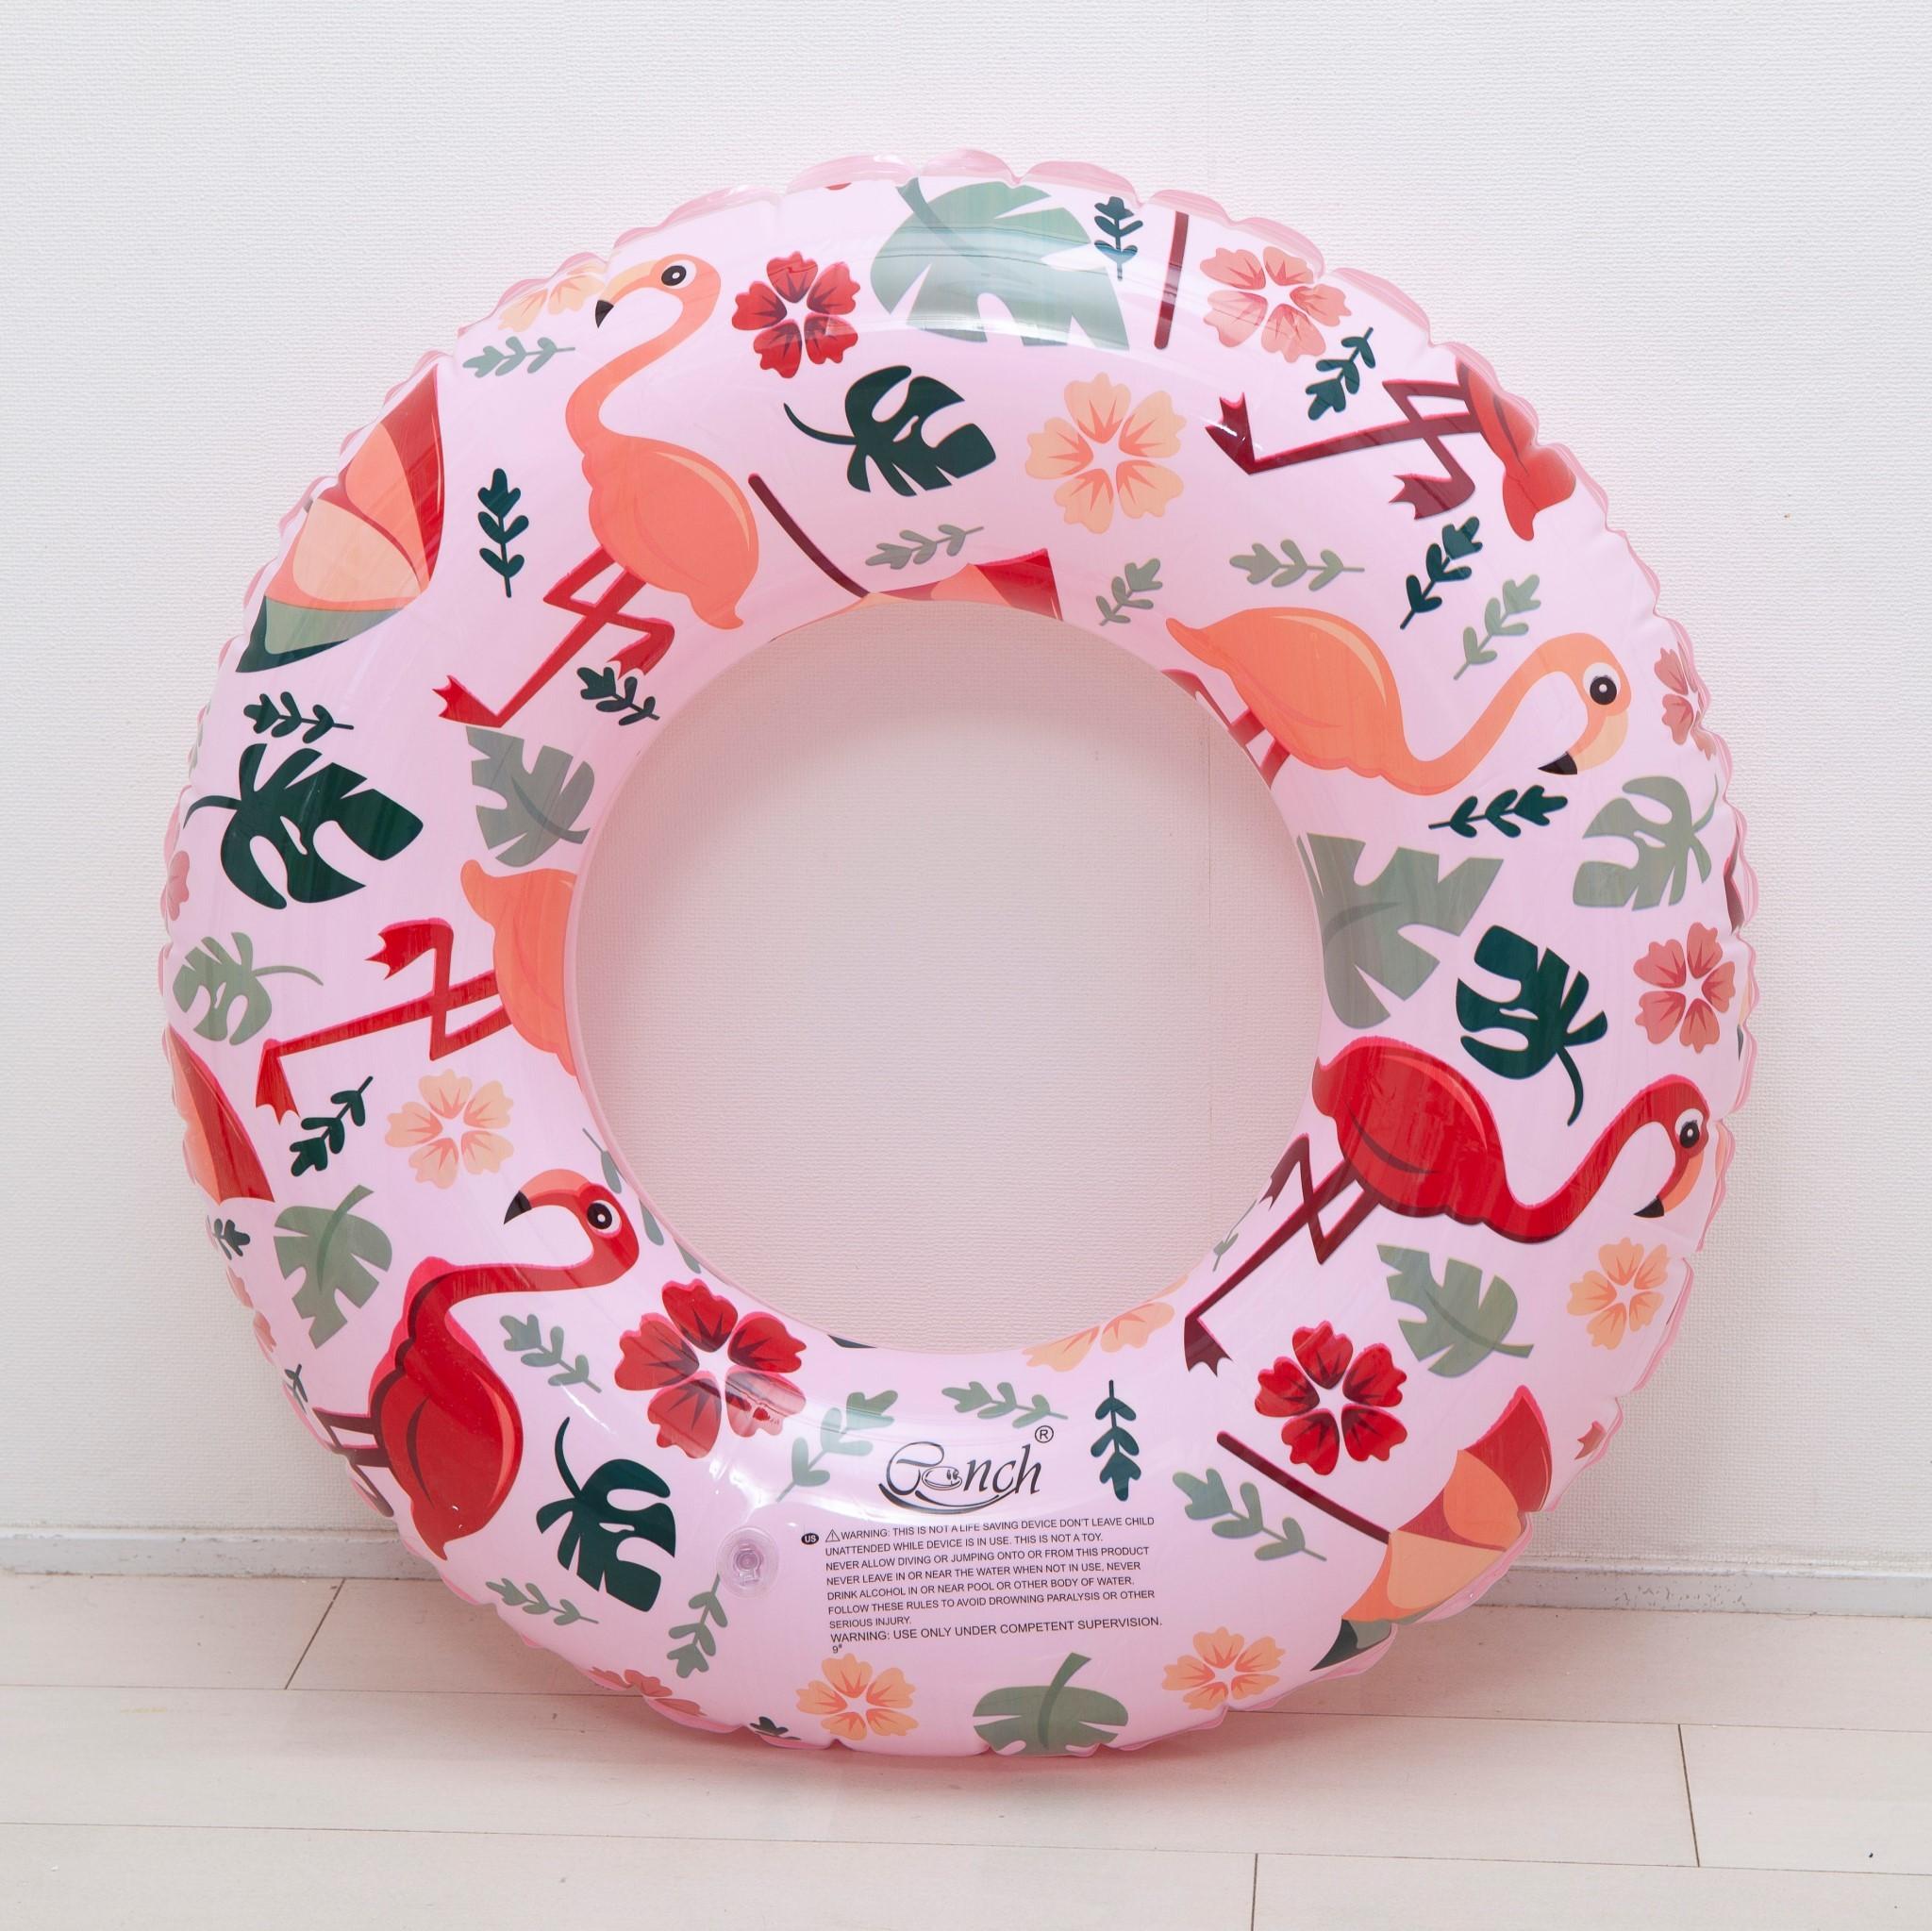 フラミンゴ柄浮き輪☆ピンク・グリーン